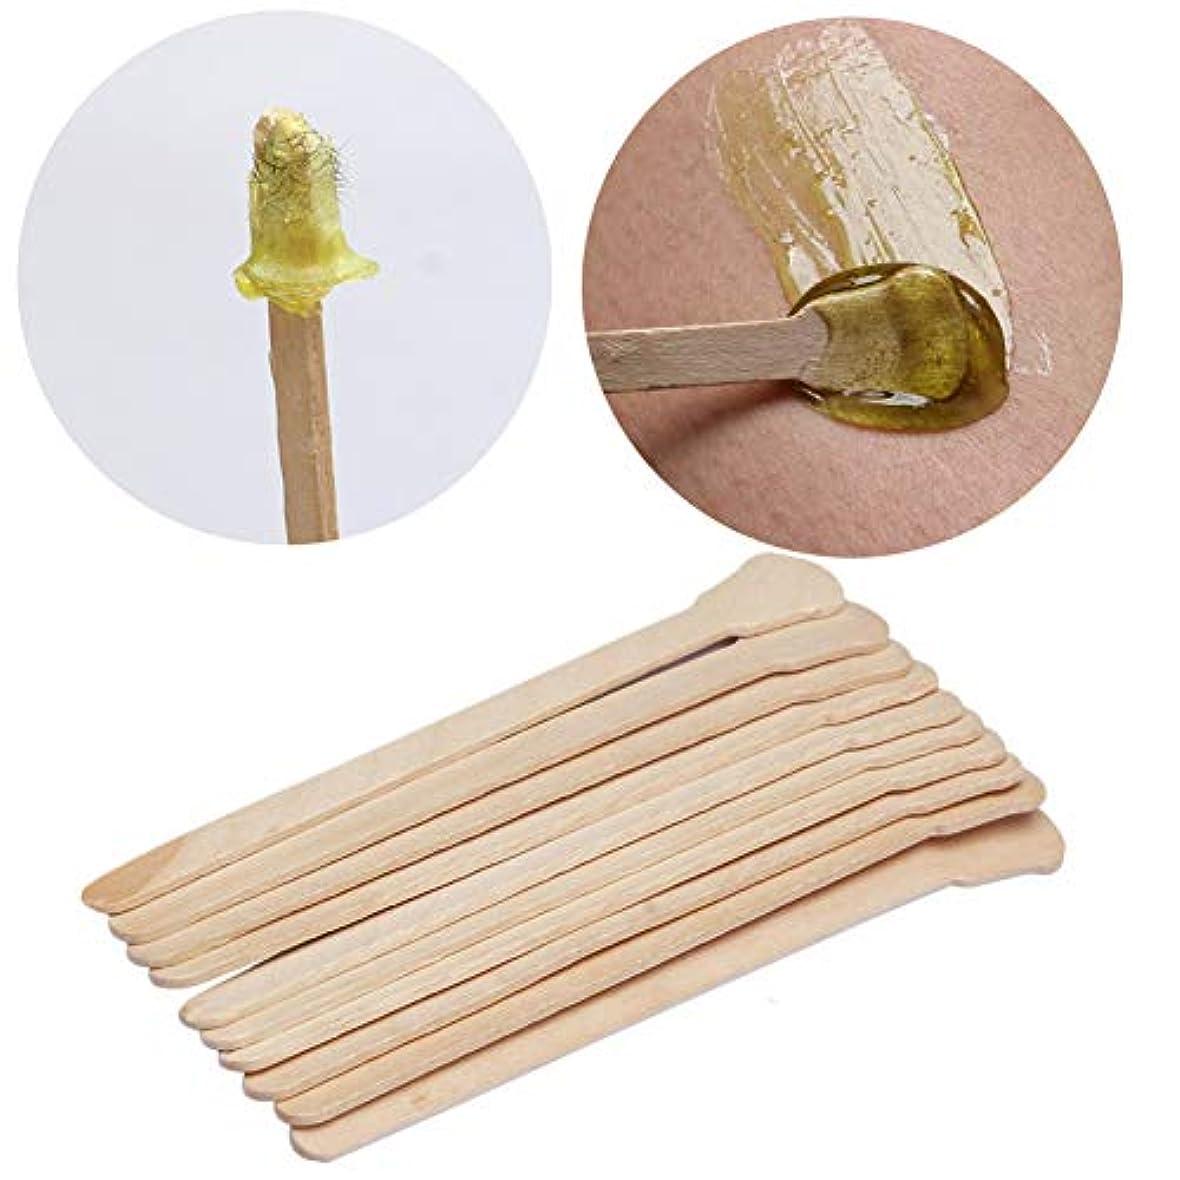 意気揚々エキゾチック辛いKingsie 使い捨て スパチュラ 木製 50本セット 脱毛ワックス用 12.5cm アイススティック棒 化粧品 フェイスマスク、クリームなどをすくい取る際に ワックス脱毛